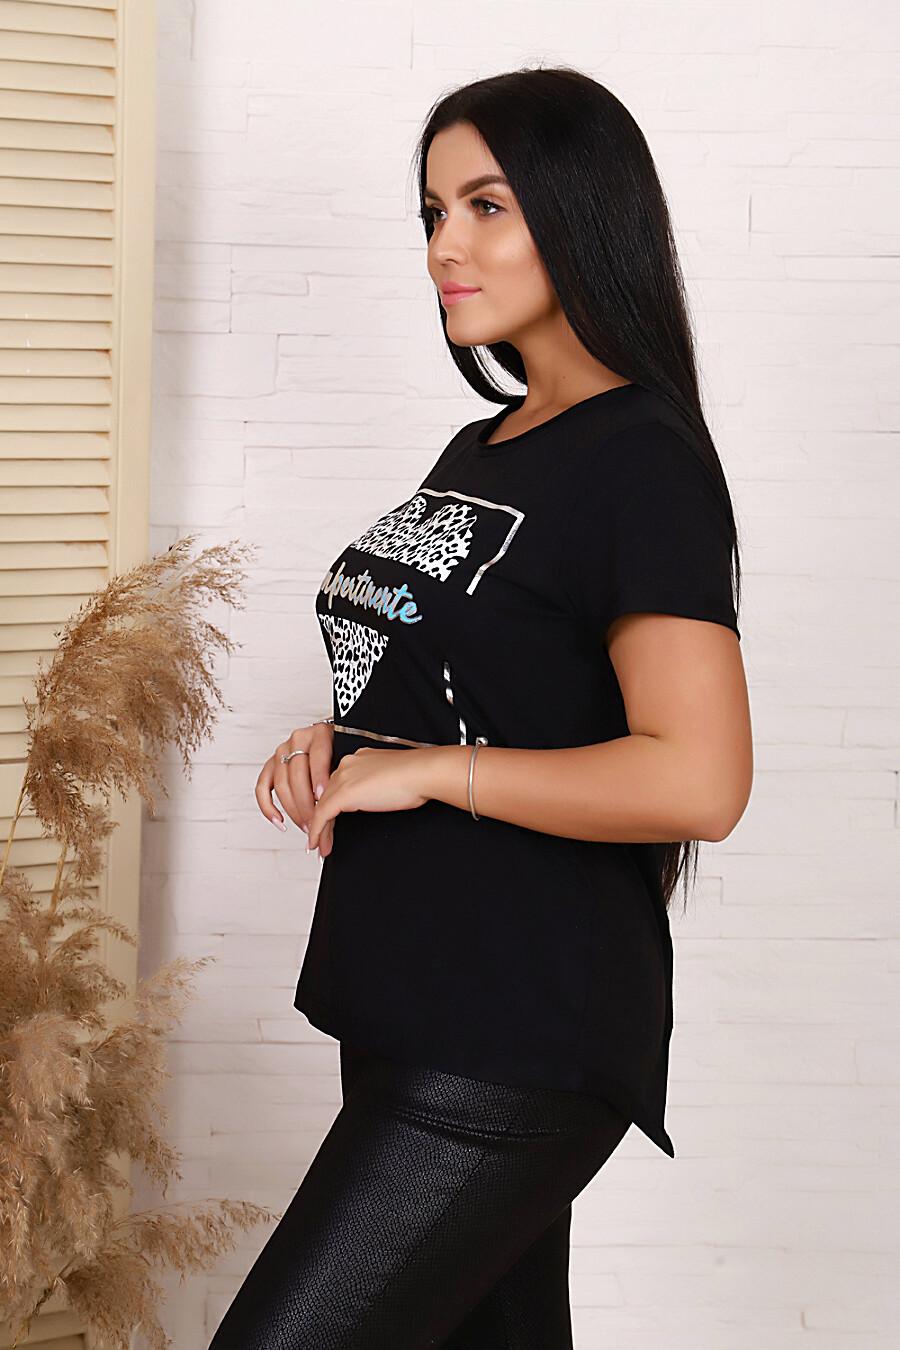 Футболка 19001 для женщин НАТАЛИ 649629 купить оптом от производителя. Совместная покупка женской одежды в OptMoyo